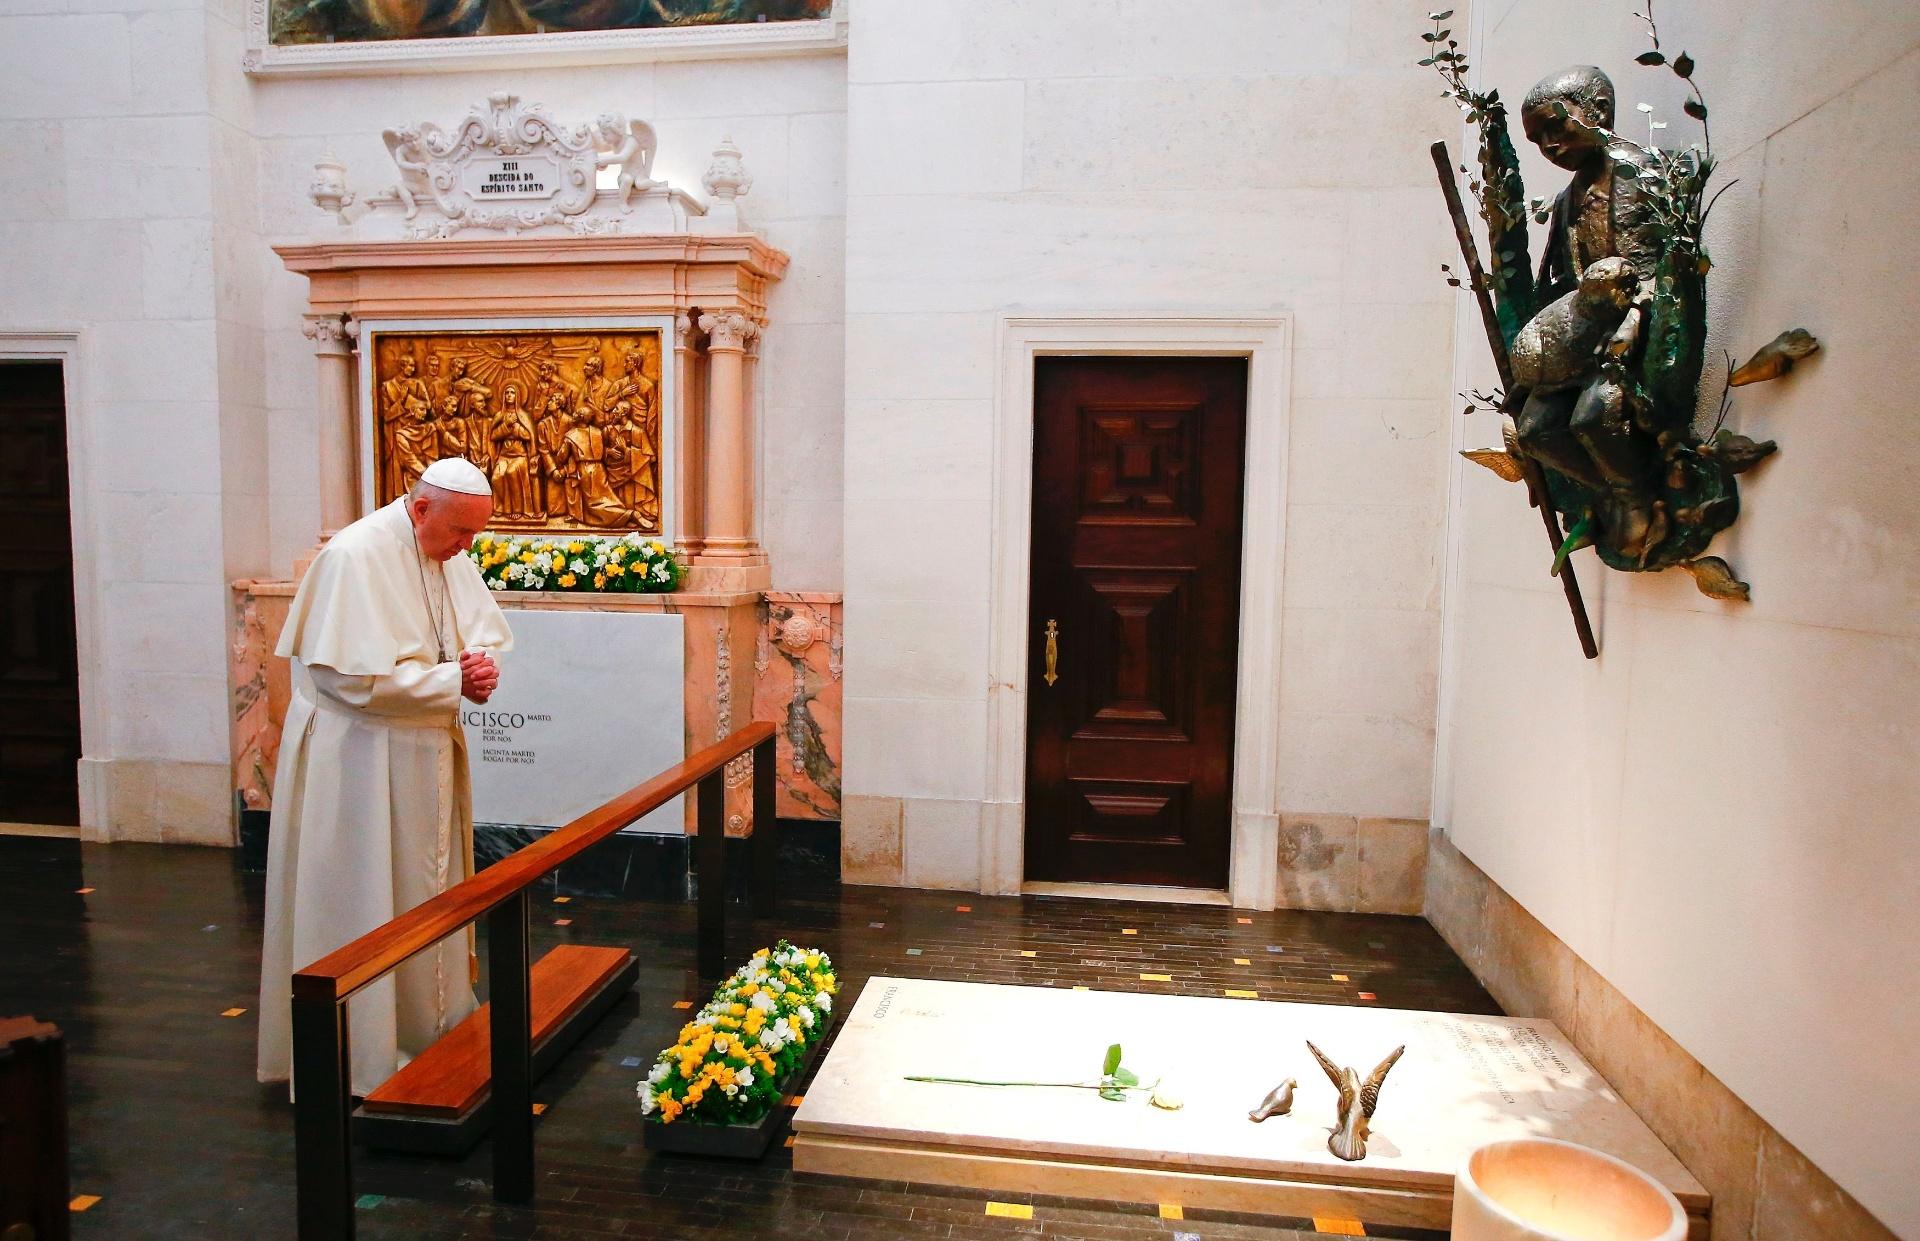 13.mai.2017 - Papa Francisco reza no túmulo de Jacinta e Francisco Marto no Santuário de Nossa Senhora de Fátima, em Portugal. Os irmão foram declarados santos neste sábado